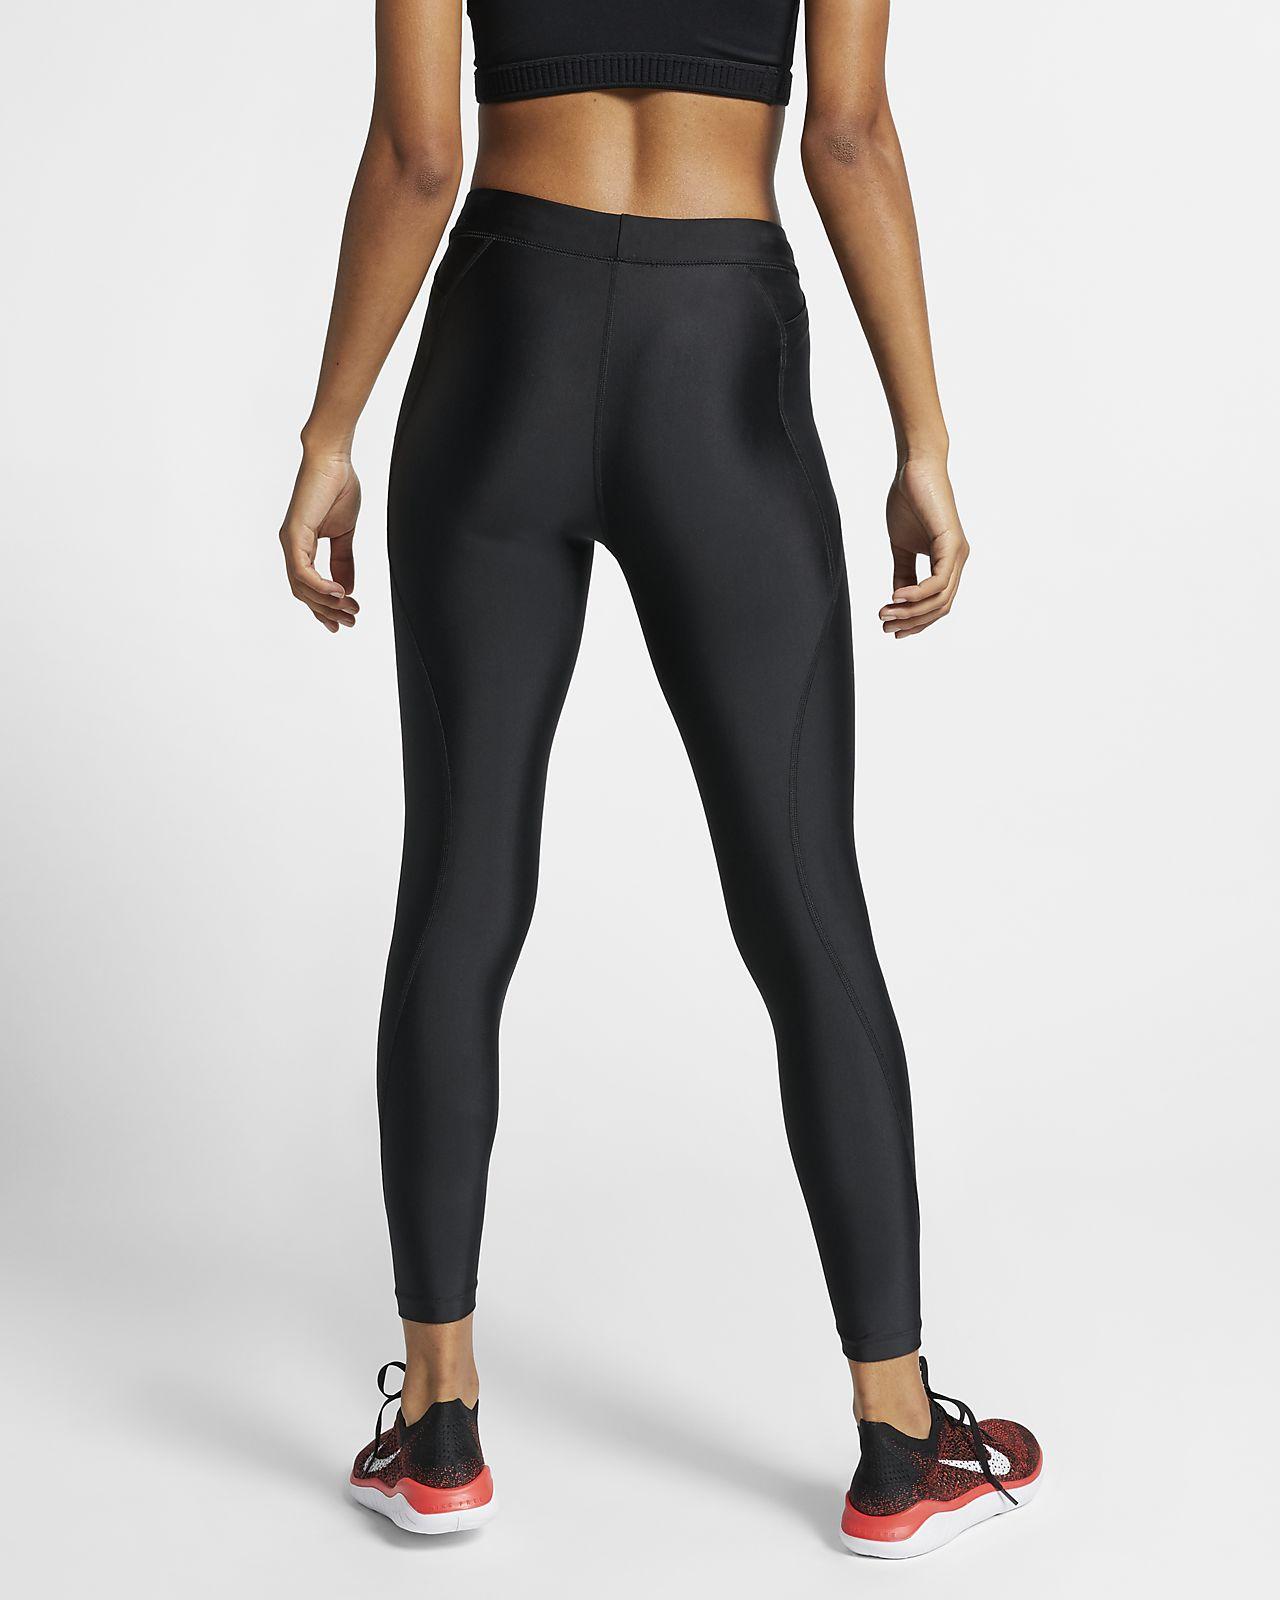 Nike Speed 78 Tights für Damen